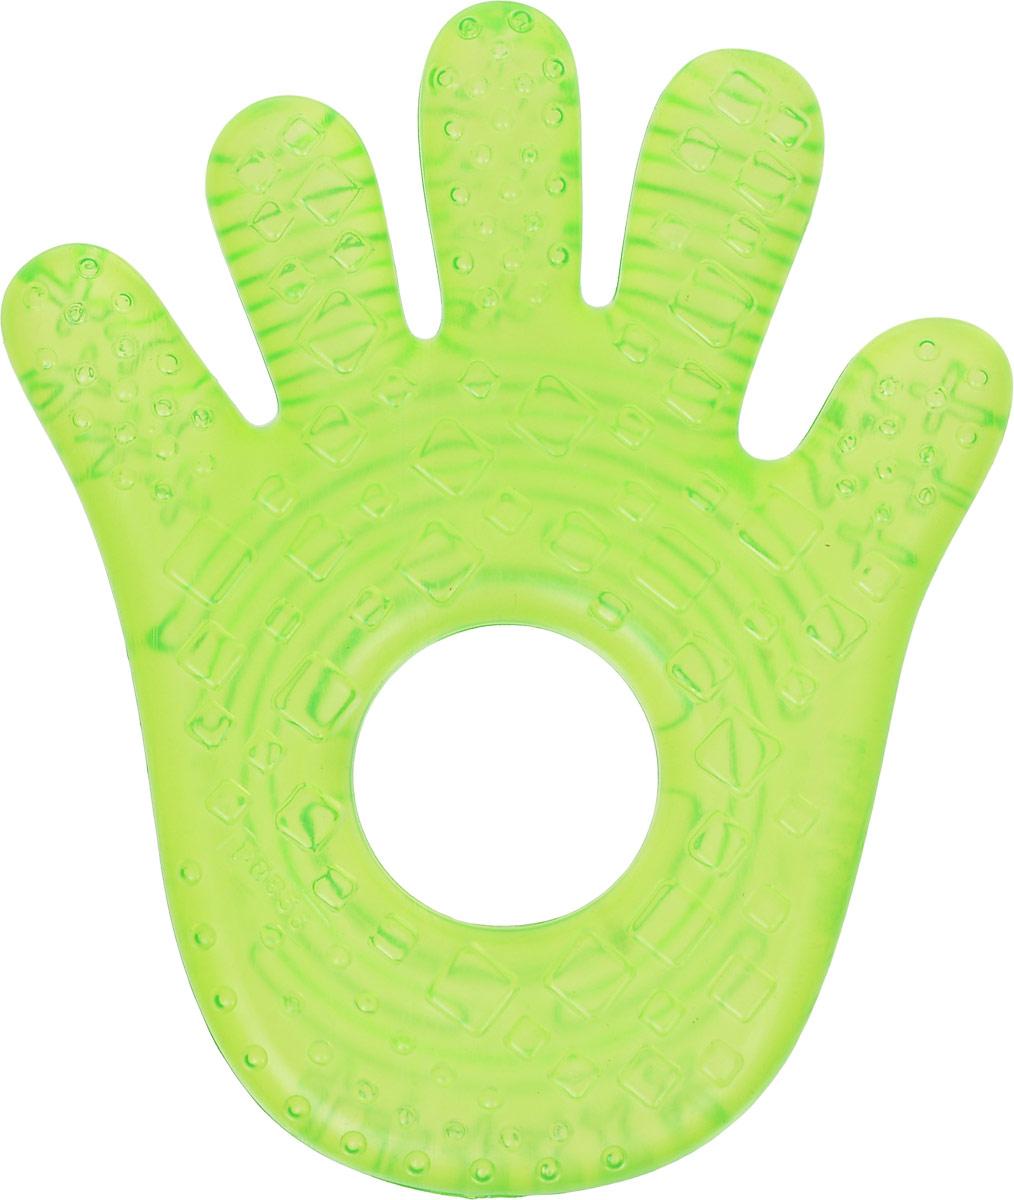 Bright Starts Прорезыватель Ладошка10112-1Прорезыватель Ладошка рекомендуется для детей, у которых начинают прорезываться зубы. Он изготовлен из мягкого и в тоже время прочного пластика, наполненного чистой водой. Прорезыватель имеет форму маленькой ладошки с ребристой поверхностью. Мягкий прорезыватель с круглым отверстием удобно держать маленькими ручками. Прорезыватель рекомендуется хранить в холодильнике (только не в морозильной камере). В охлажденном состоянии прорезыватель оказывает легкое анестезирующее действие, мягко массирует десны малыша и уменьшает дискомфорт при появлении зубов. Прорезыватель развивает мелкую моторику, воображение, концентрацию внимания и цветовое восприятие ребенка.